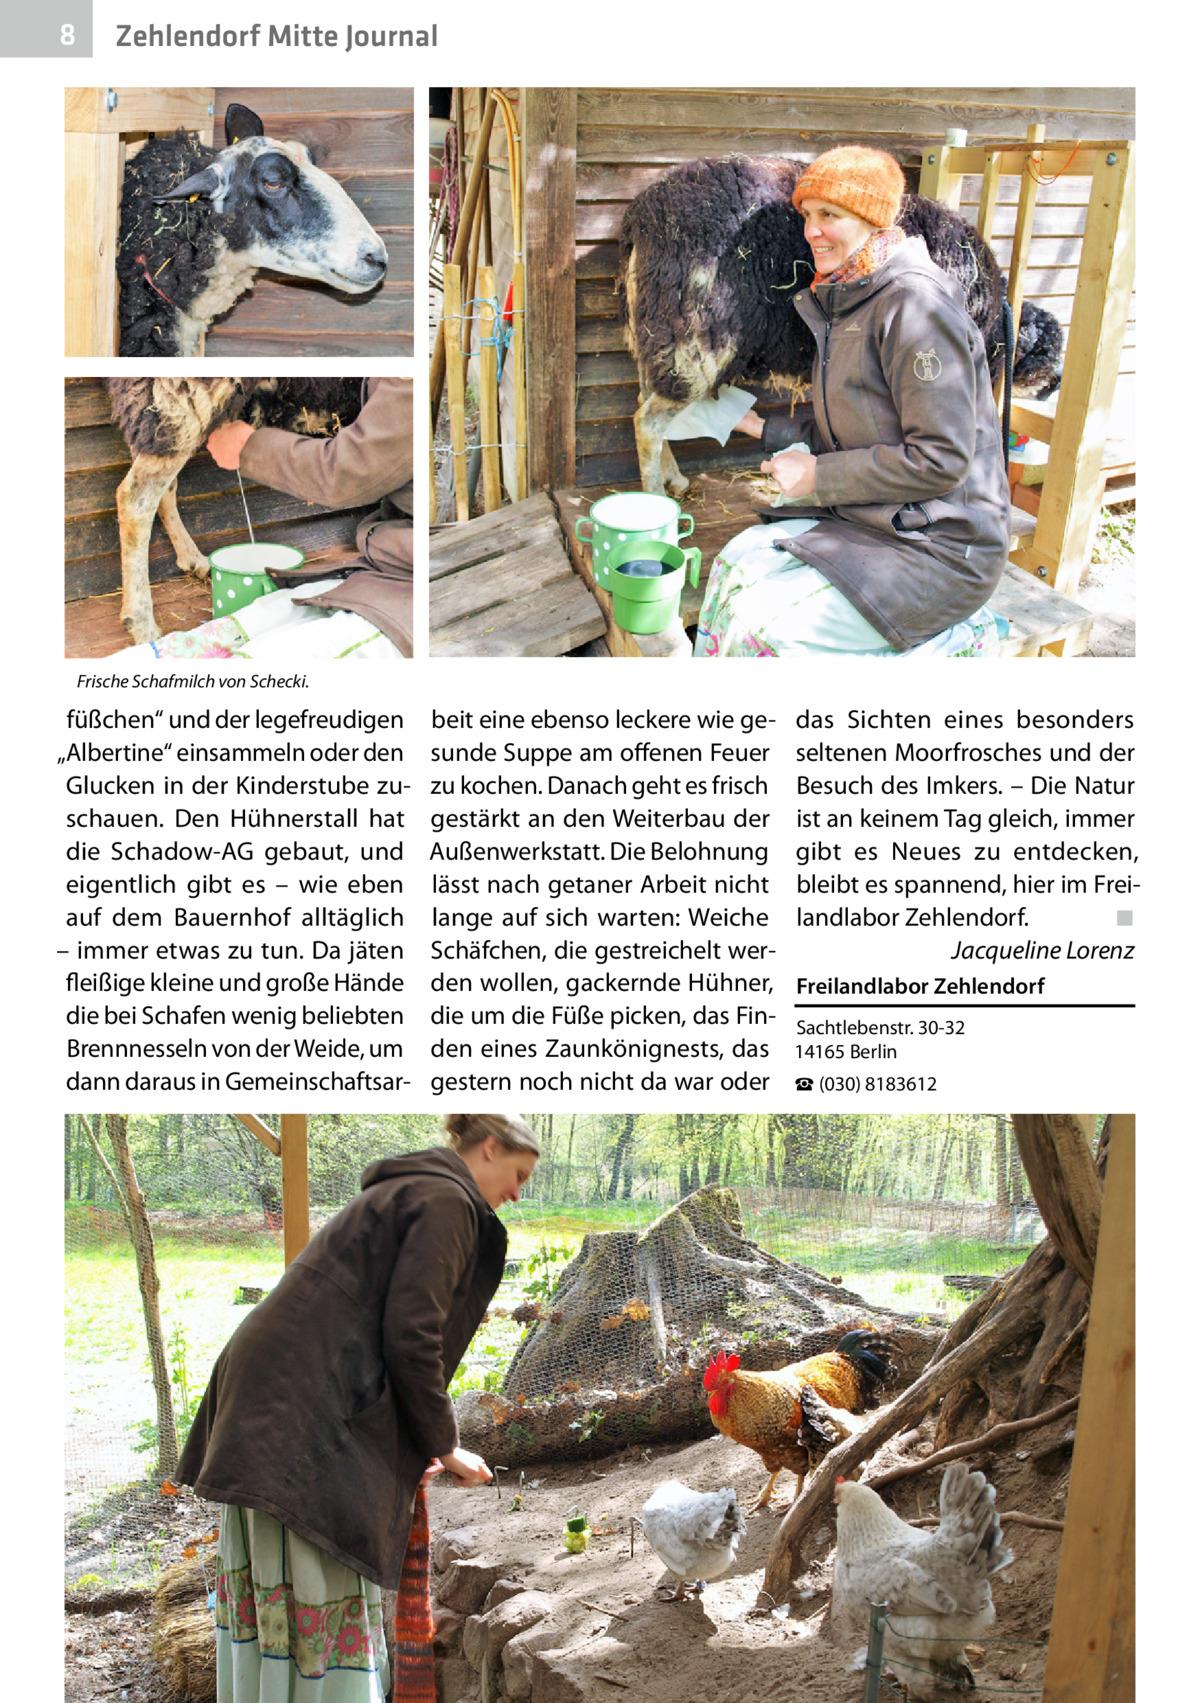 """8  Zehlendorf Mitte Journal  Frische Schafmilch von Schecki.  füßchen"""" und der legefreudigen """"Albertine"""" einsammeln oder den Glucken in der Kinderstube zuschauen. Den Hühnerstall hat die Schadow-AG gebaut, und eigentlich gibt es – wie eben auf dem Bauernhof alltäglich – immer etwas zu tun. Da jäten fleißige kleine und große Hände die bei Schafen wenig beliebten Brennnesseln von der Weide, um dann daraus in Gemeinschaftsar beit eine ebenso leckere wie gesunde Suppe am offenen Feuer zu kochen. Danach geht es frisch gestärkt an den Weiterbau der Außenwerkstatt. Die Belohnung lässt nach getaner Arbeit nicht lange auf sich warten: Weiche Schäfchen, die gestreichelt werden wollen, gackernde Hühner, die um die Füße picken, das Finden eines Zaunkönignests, das gestern noch nicht da war oder  das Sichten eines besonders seltenen Moorfrosches und der Besuch des Imkers. – Die Natur ist an keinem Tag gleich, immer gibt es Neues zu entdecken, bleibt es spannend, hier im Freilandlabor Zehlendorf.� ◾ � Jacqueline Lorenz Freilandlabor Zehlendorf Sachtlebenstr.30-32 14165Berlin ☎(030) 8183612"""